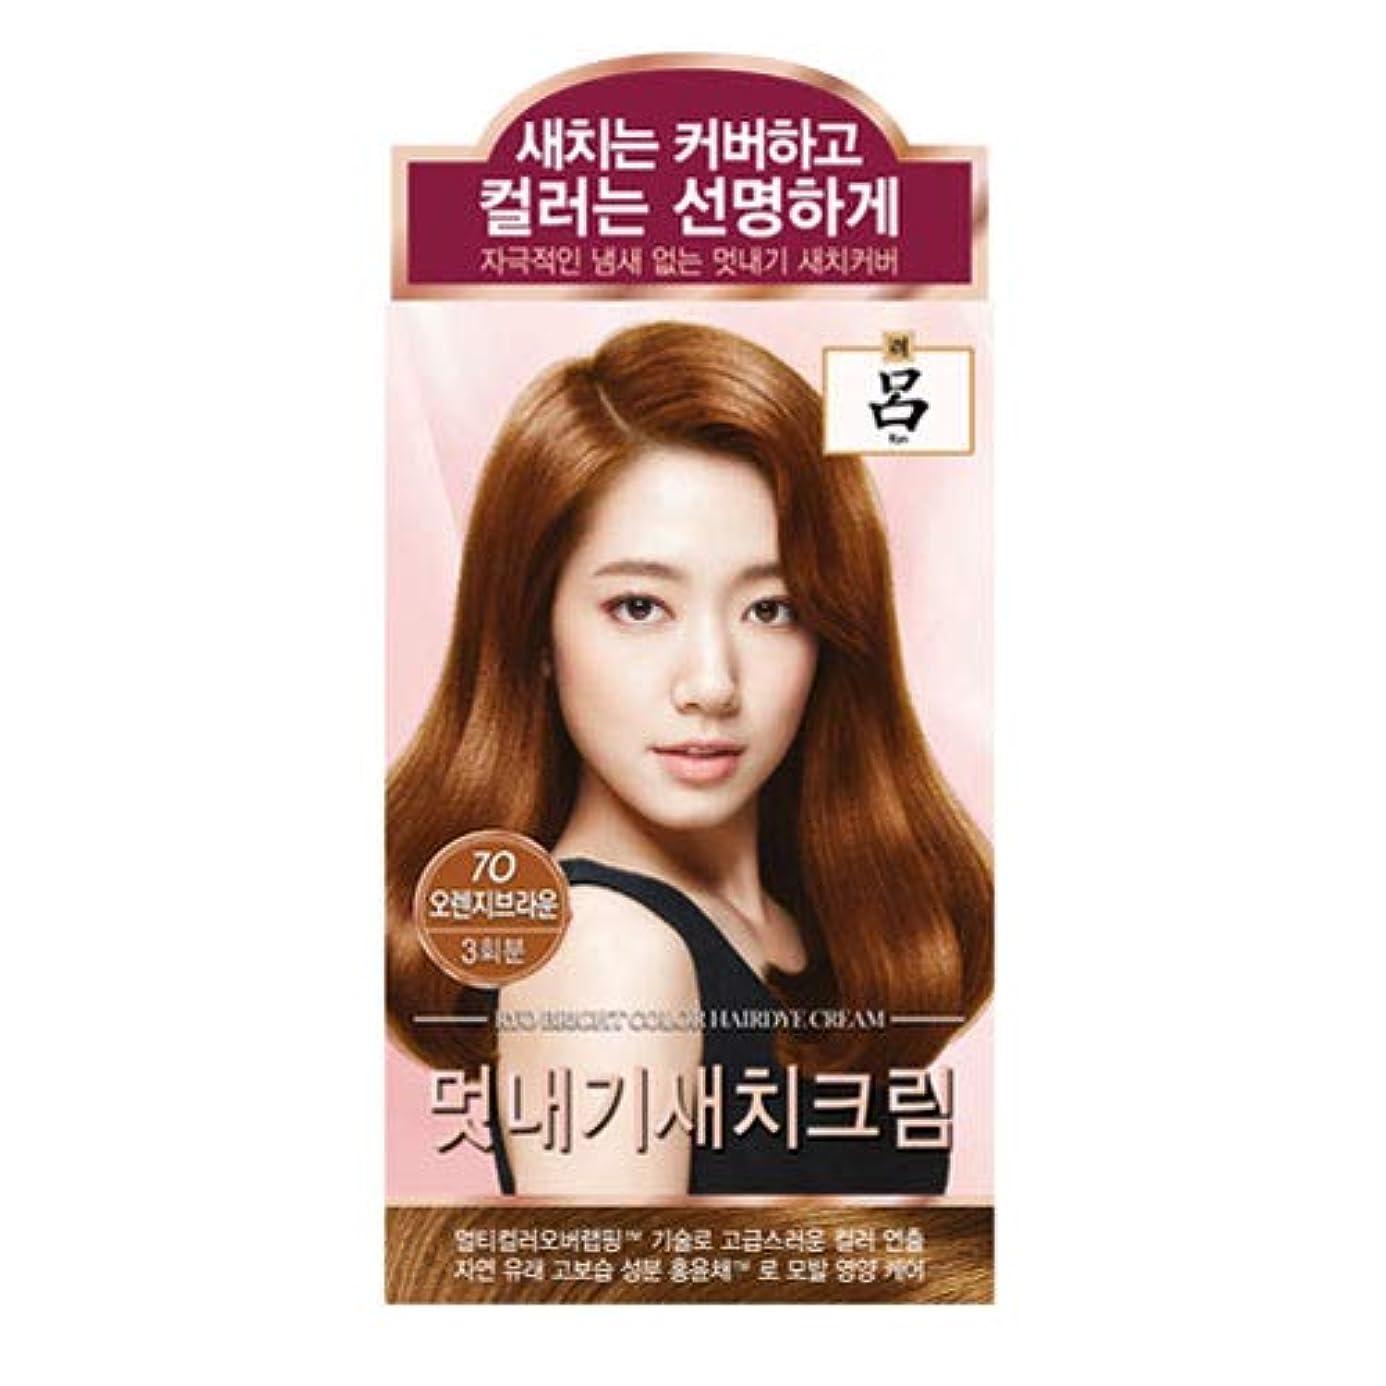 足音インストラクター種アモーレパシフィック呂[AMOREPACIFIC/Ryo] ブライトカラーヘアアイクリーム 7O オレンジブラウン/Bright Color Hairdye Cream 7O Orange Brown